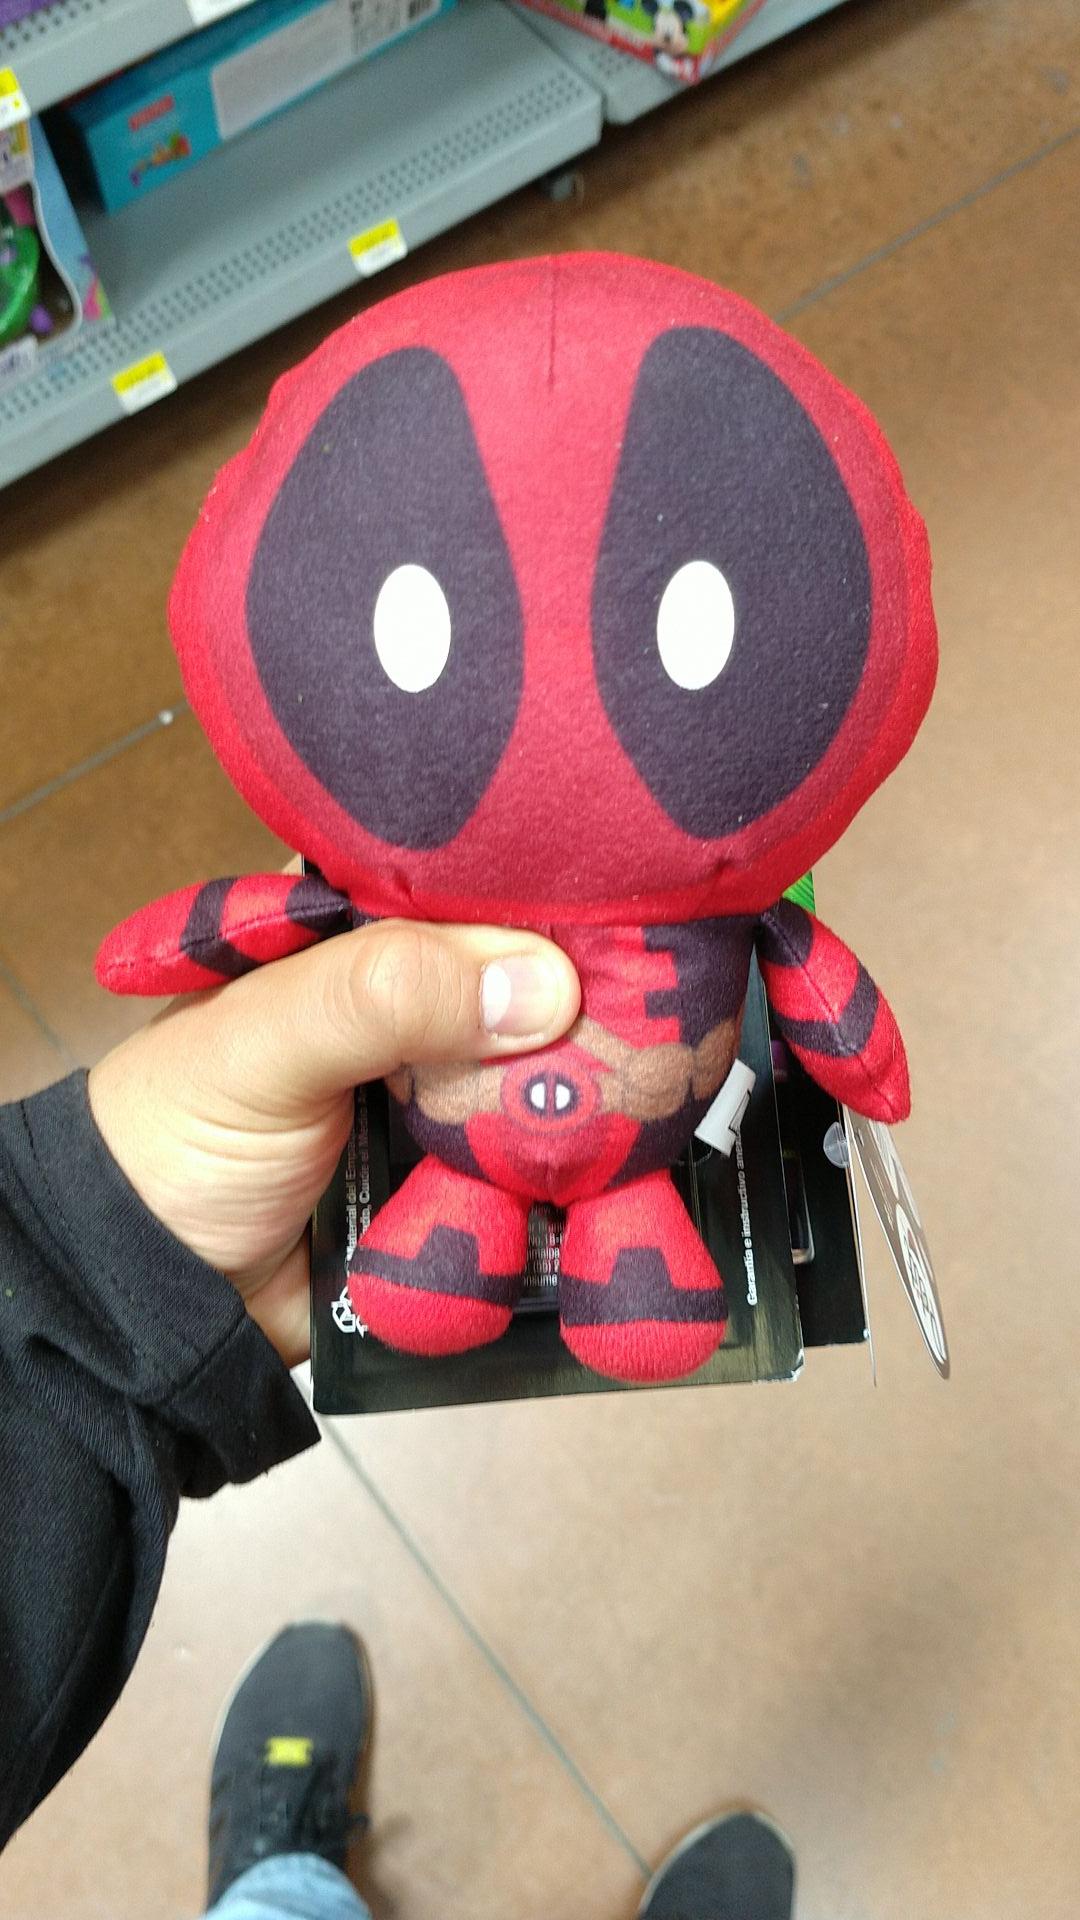 Walmart: Peluche Deadpool